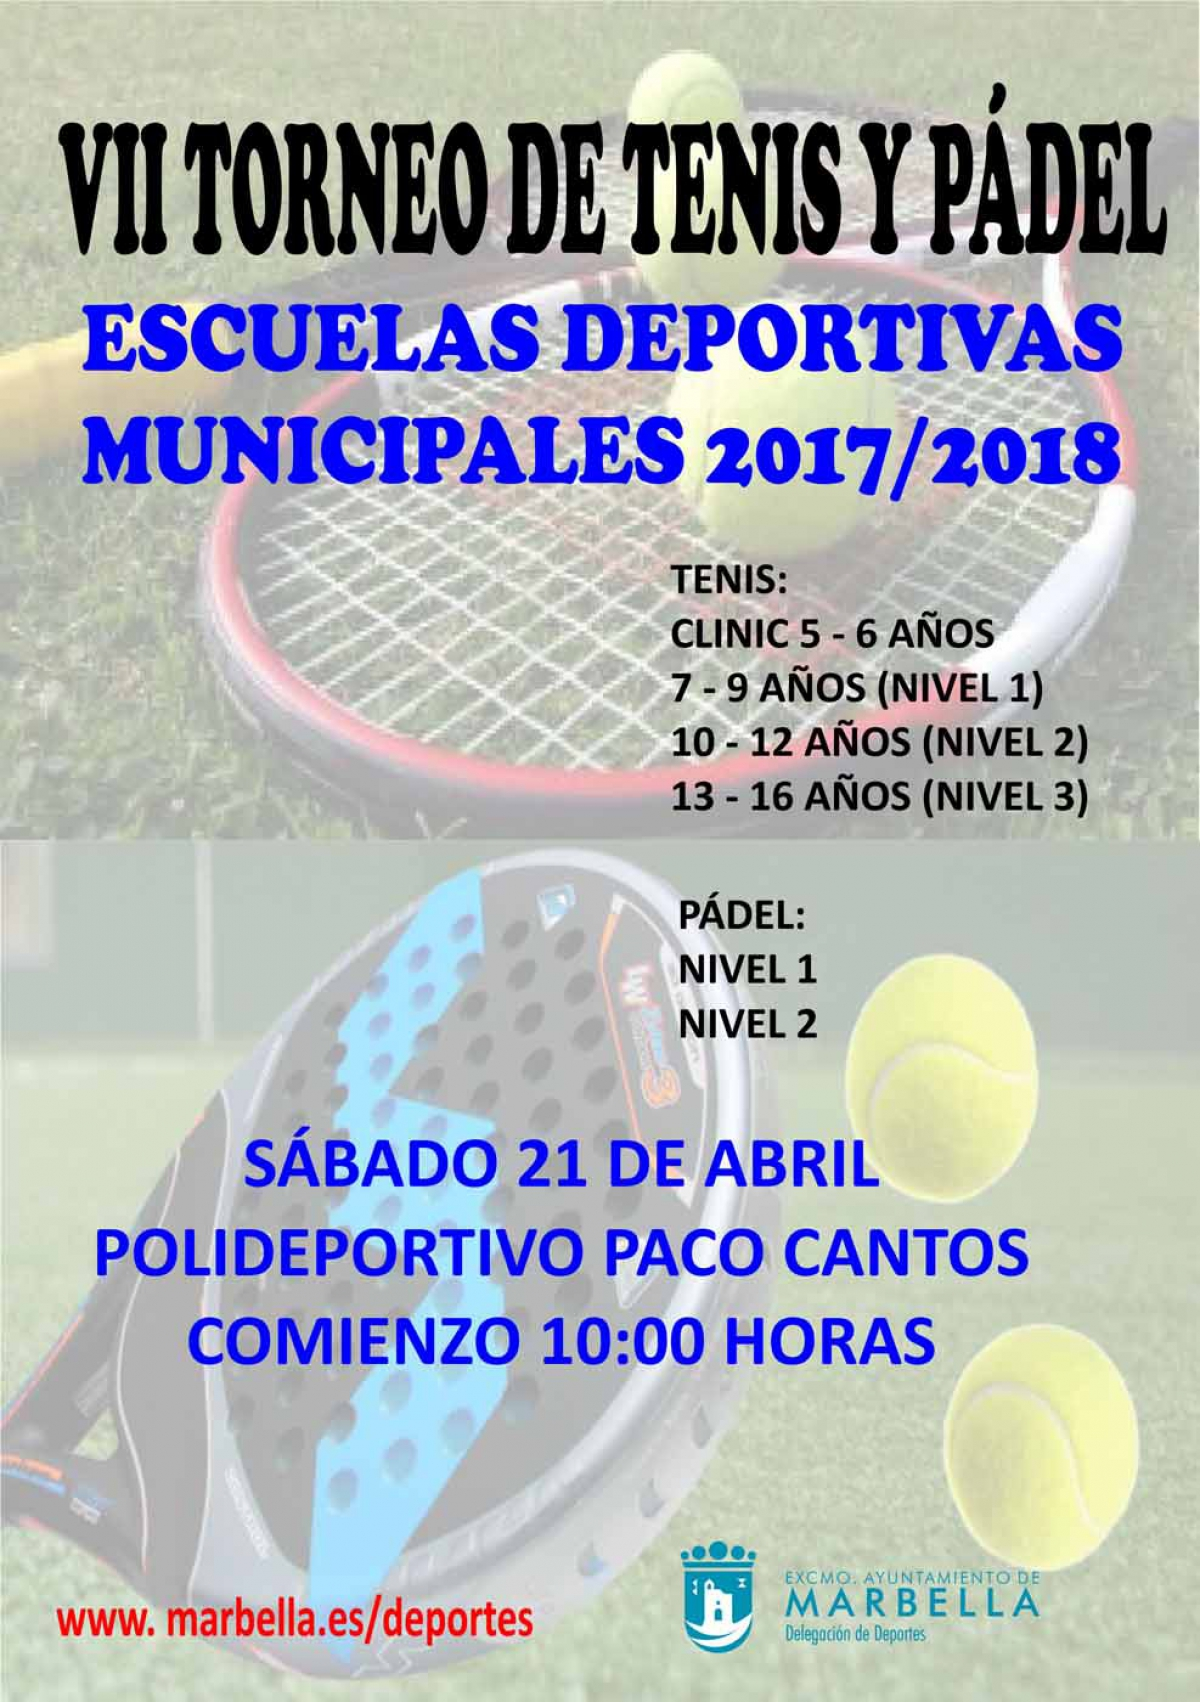 Este sábado se celebra en el Polideportivo Paco Cantos el VII Torneo de Tenis y Pádel de las Escuelas Deportivas Municipales